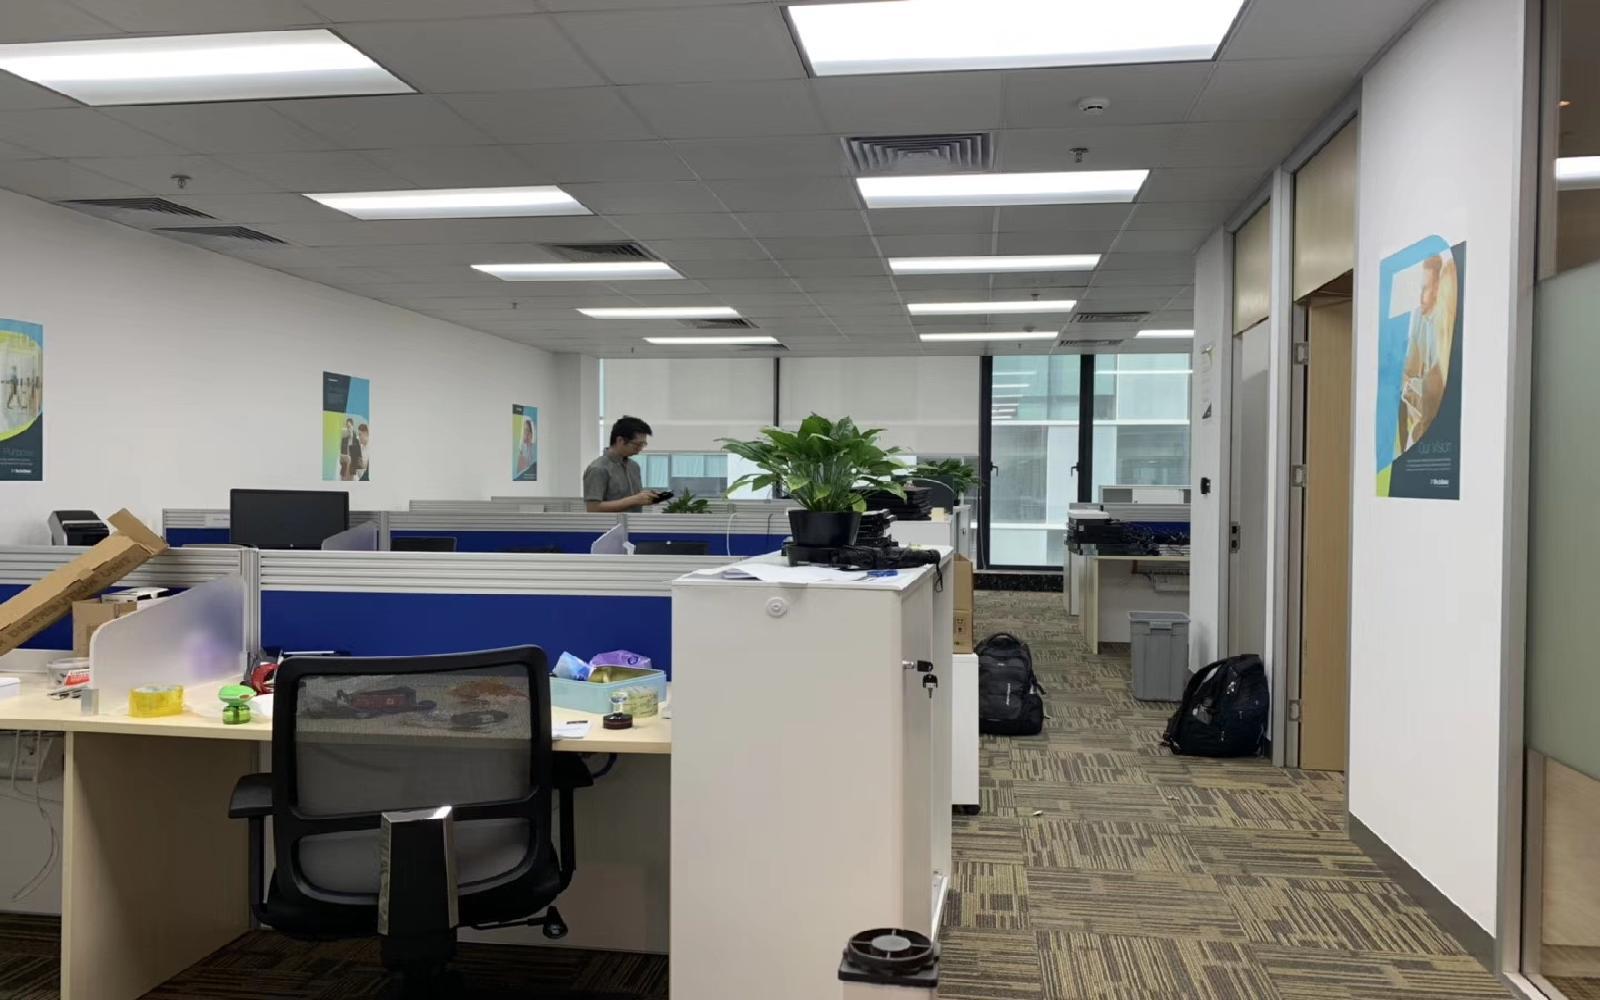 南山-科技园 深圳湾科技生态园(二期) 428m²